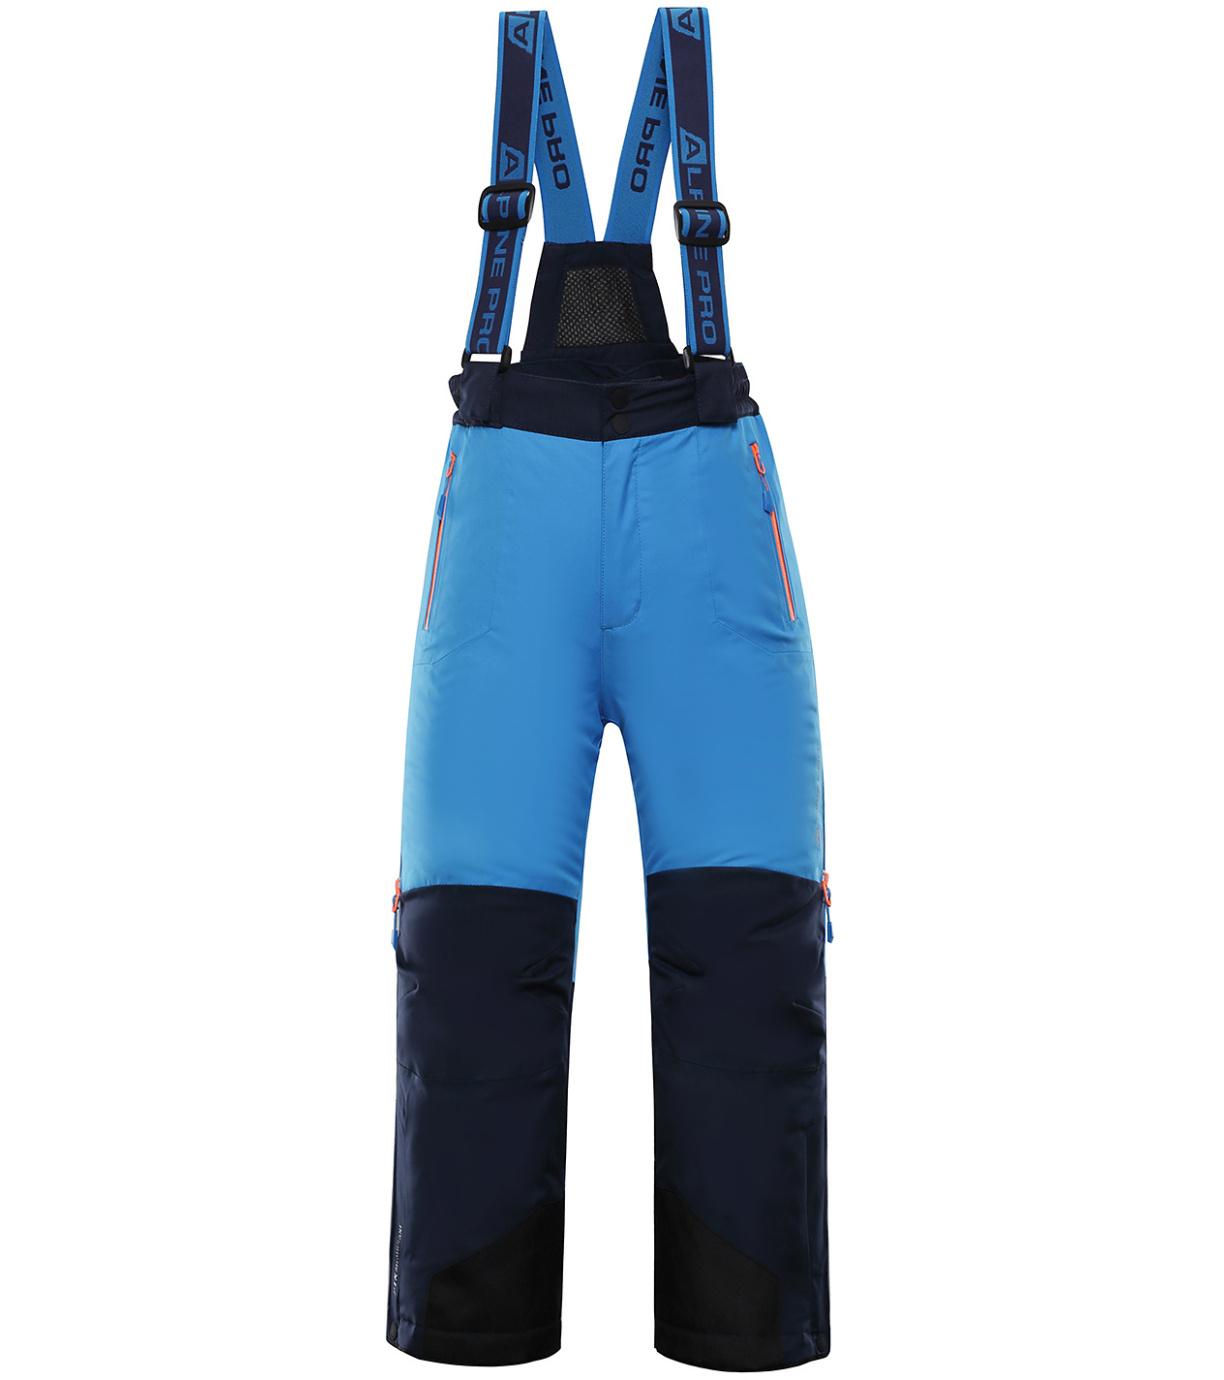 ALPINE PRO NUDDO 4 Dětské lyžařské kalhoty KPAP167674 Blue aster 128-134